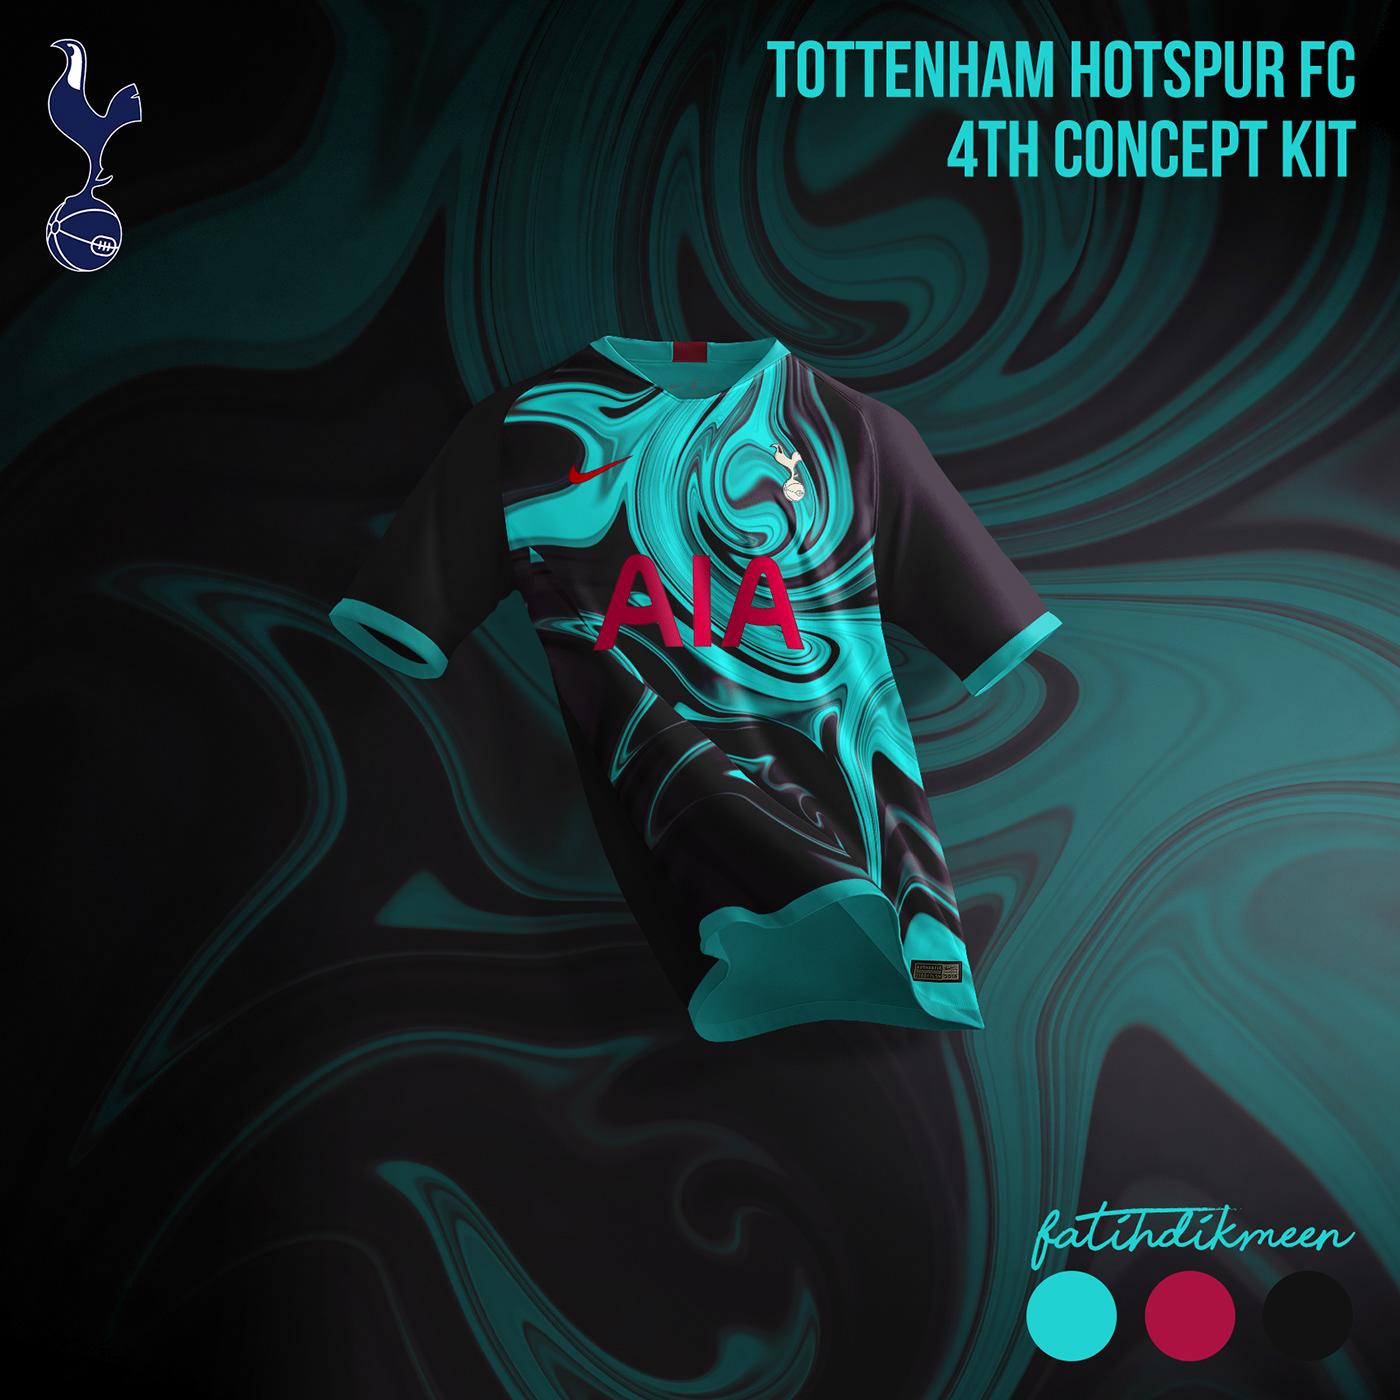 concept kit football Soccer Concept Kit Soccer Kit Spurs Tottenham tottenham 2021 tottenham concept kit Tottenham Hotspur FC tottenham kit